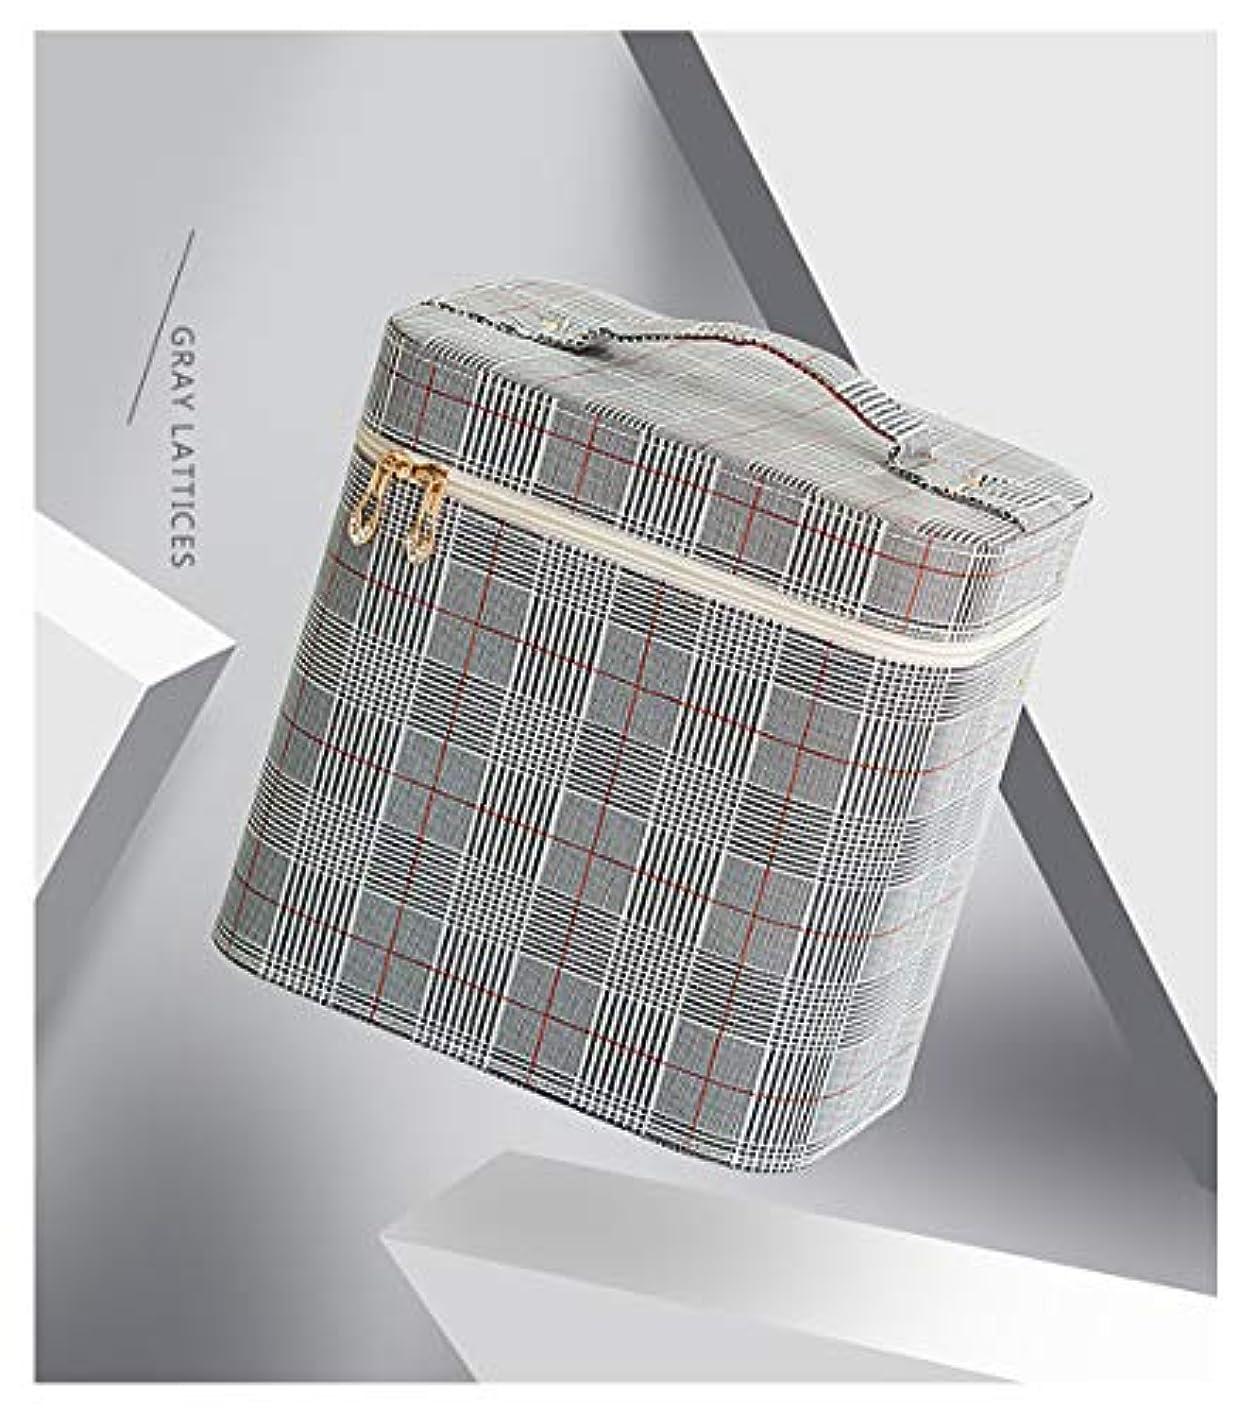 製品頑固な信条SZTulip コスメボックス メイクボックス 大容量メイクケース 化粧品収納ケース 小物入れ 鏡付き 化粧箱 (グレー+レッドチェック)